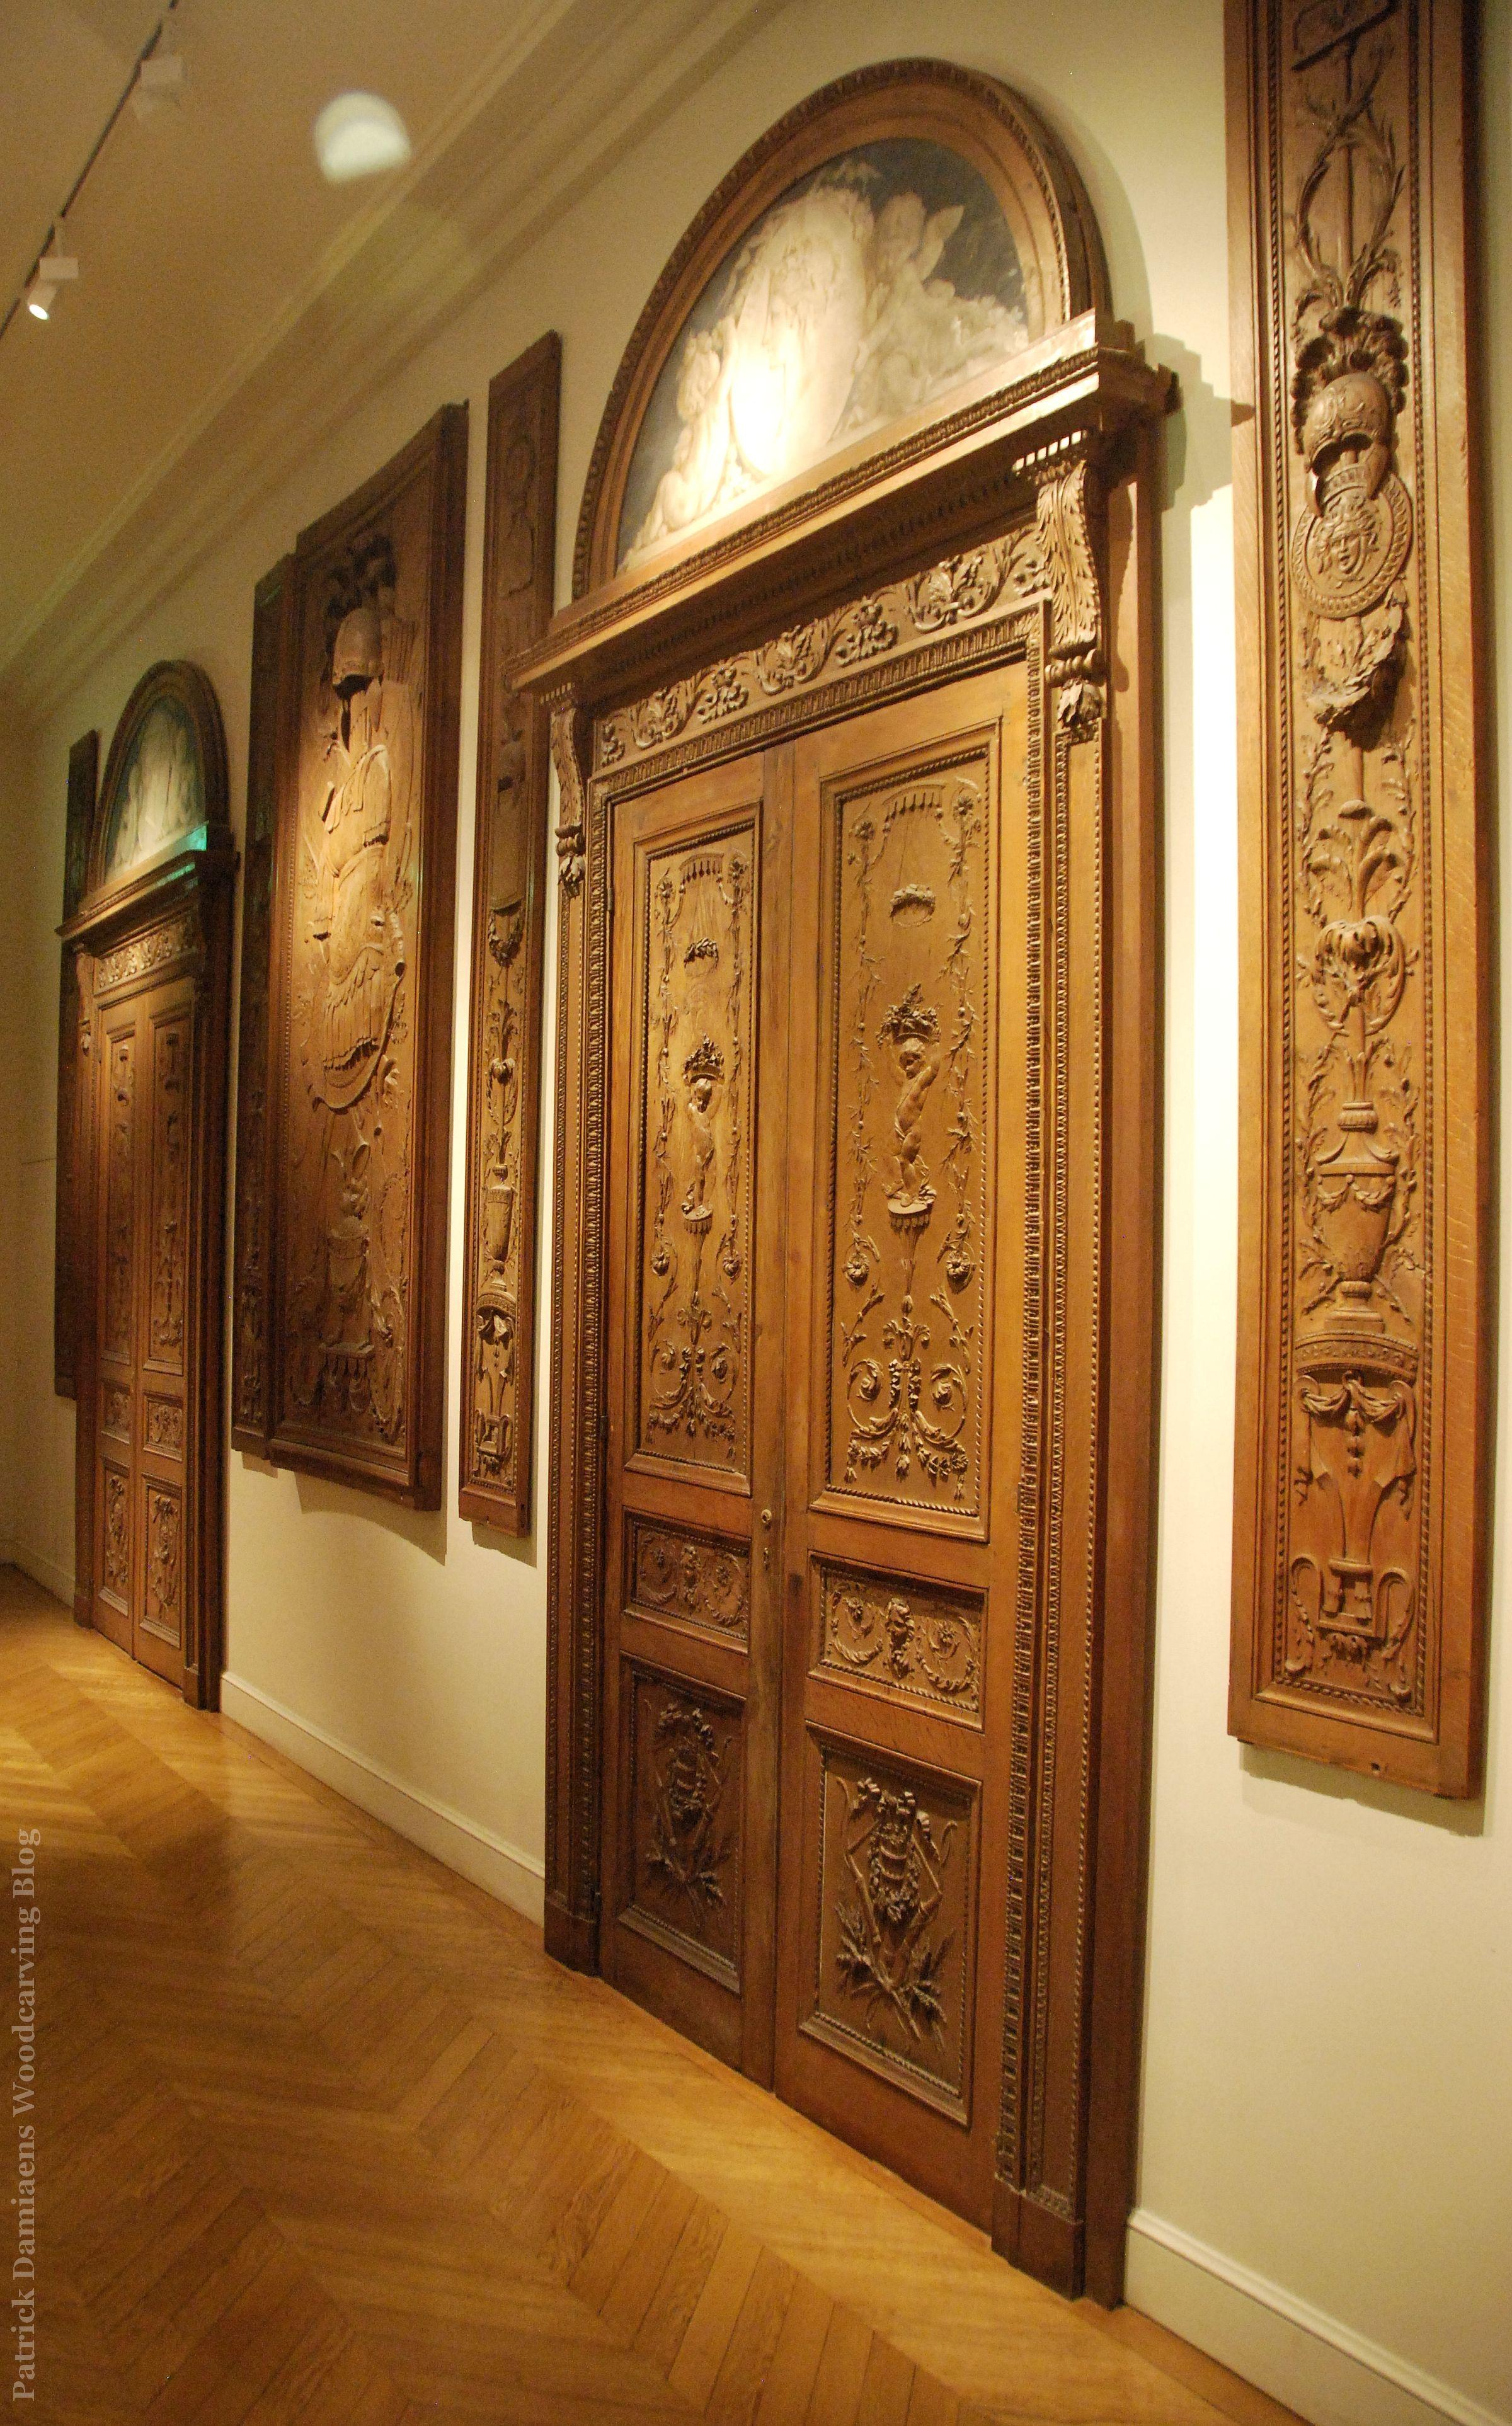 Musée des arts décoratifs the arts décoratifs museum in paris